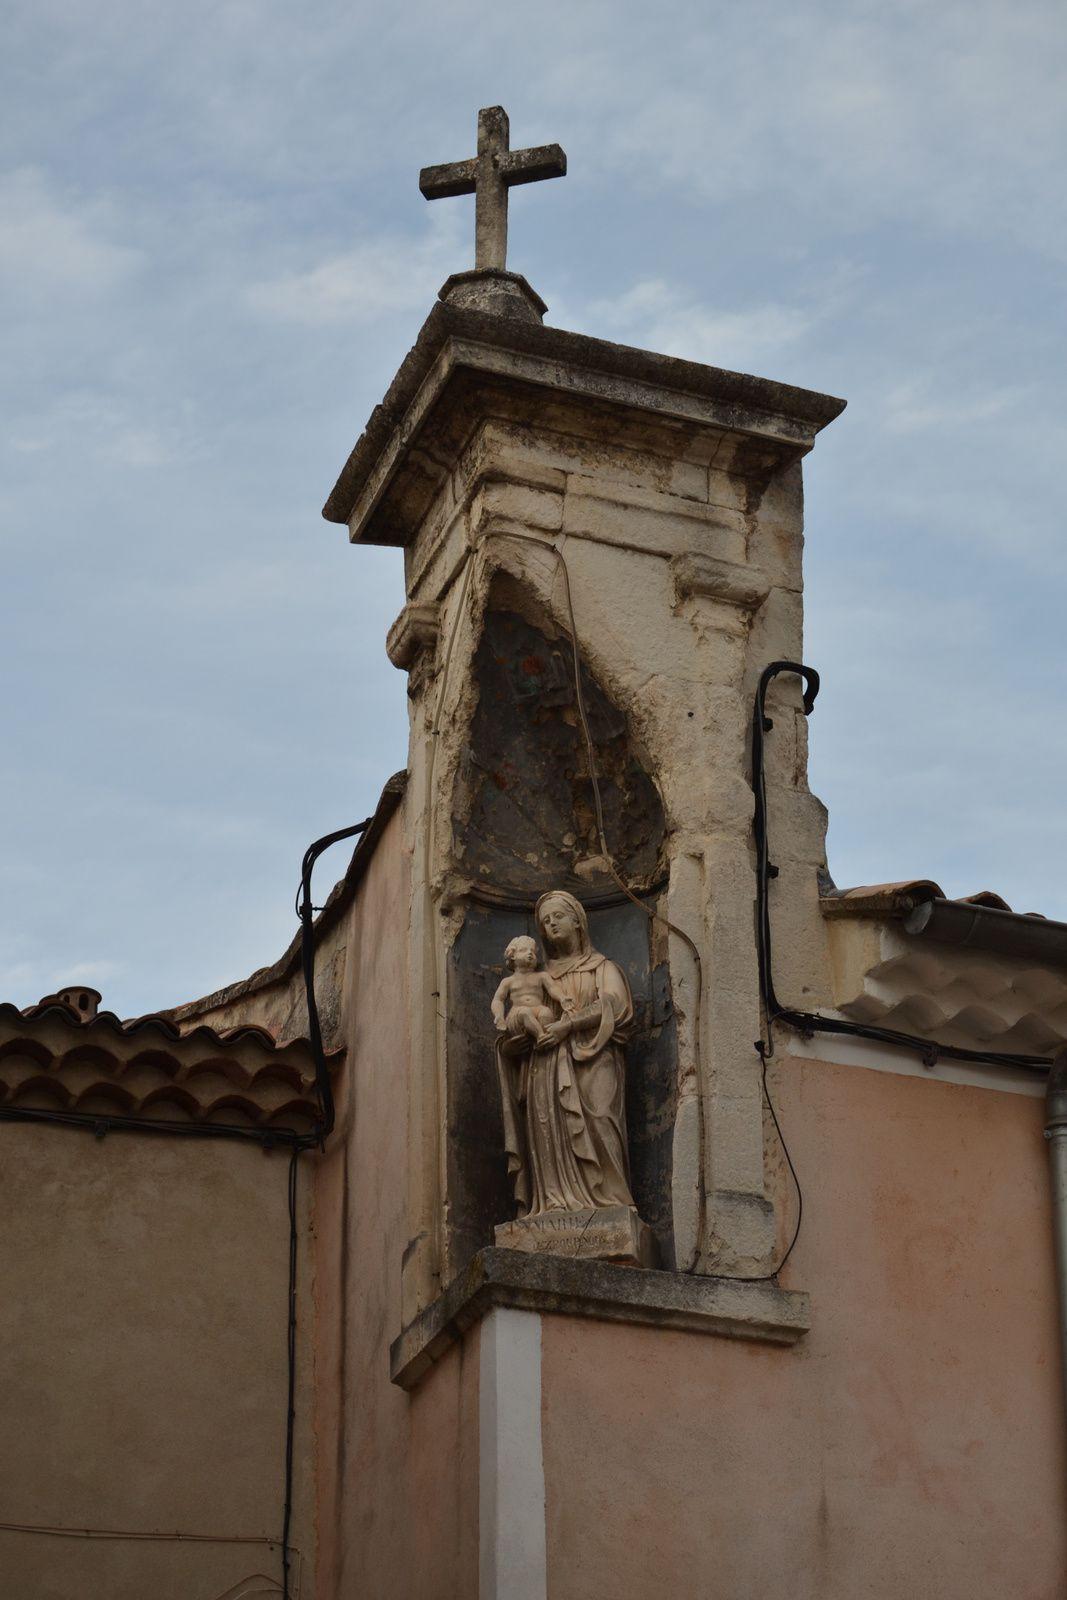 Cet ensemble est classé autitre d'immeuble le 27/06/1983 avec sa niche surmontée d'une croix et au titre des monuments historique le 25/11/1993.